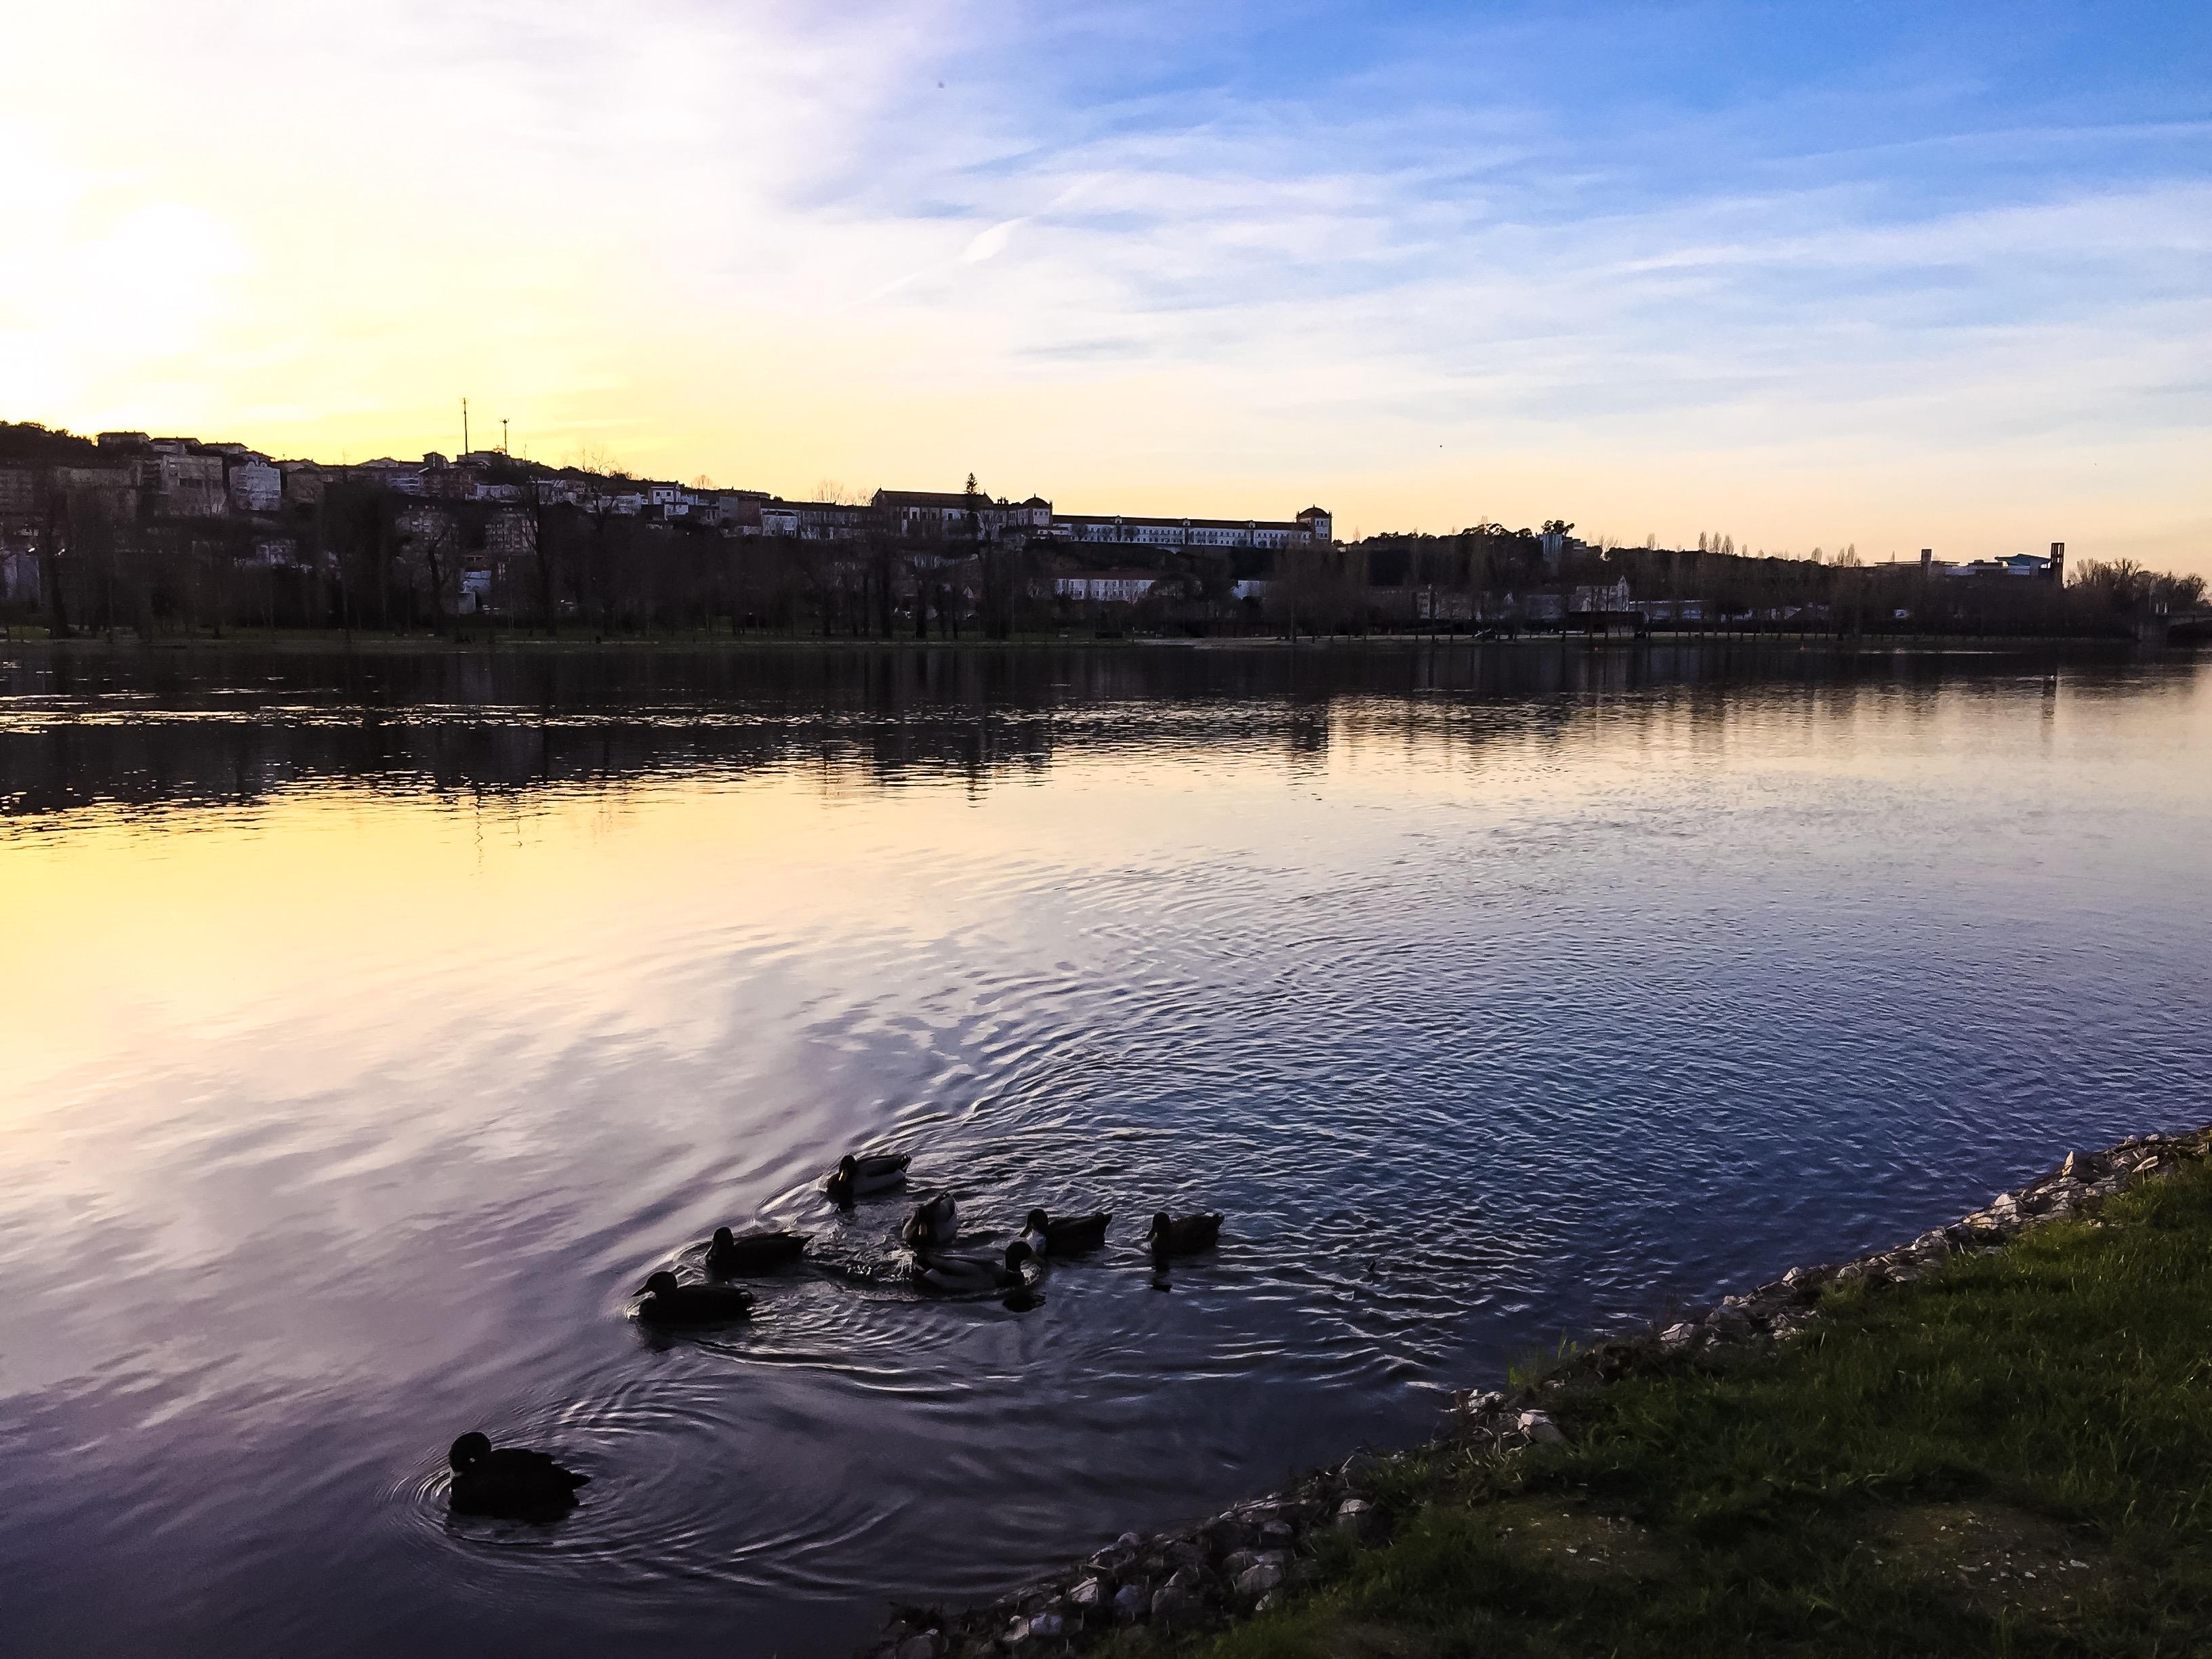 6 on 6 - Lugares que Gostamos - Coimbra, Margens do rio Mondego